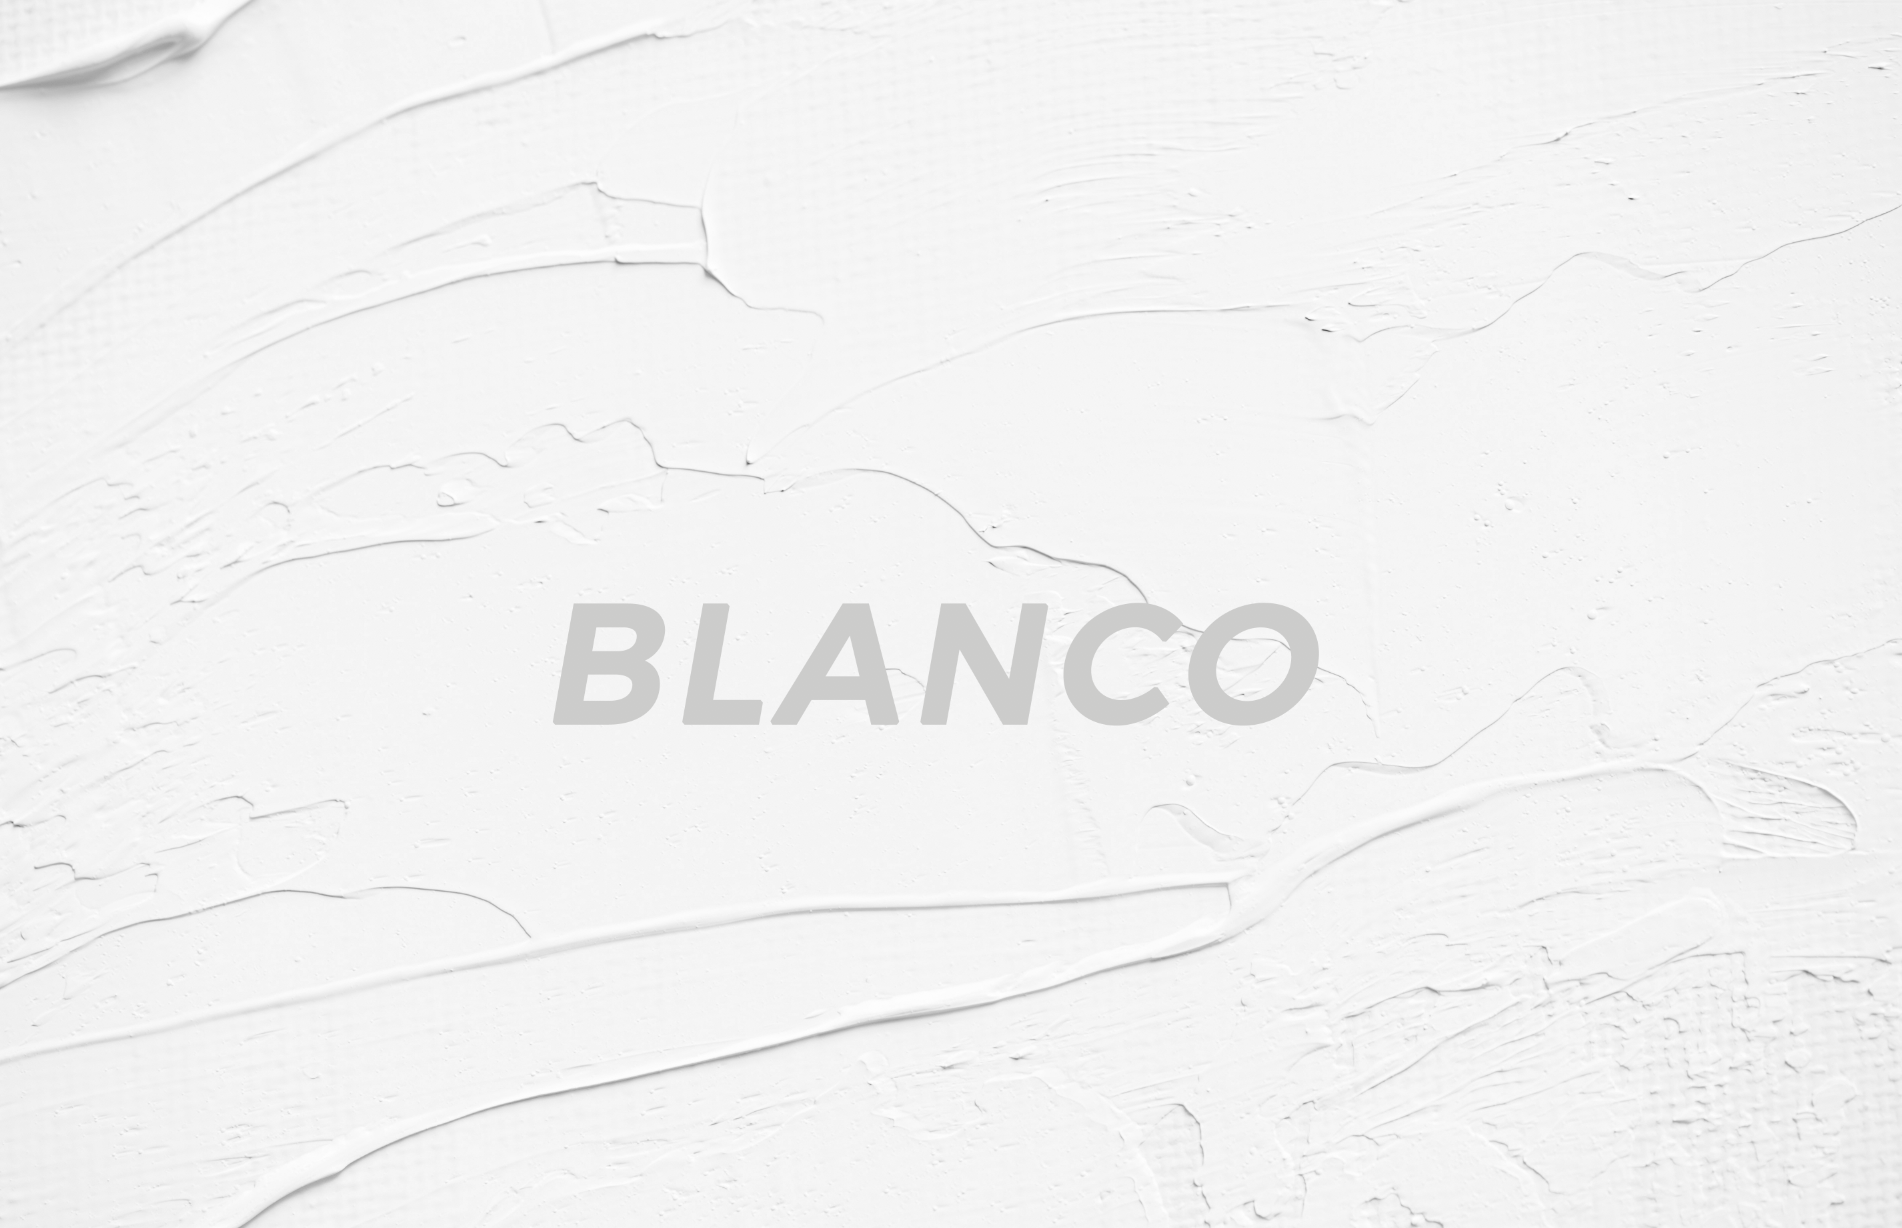 BLANCO Y TEXTURAS